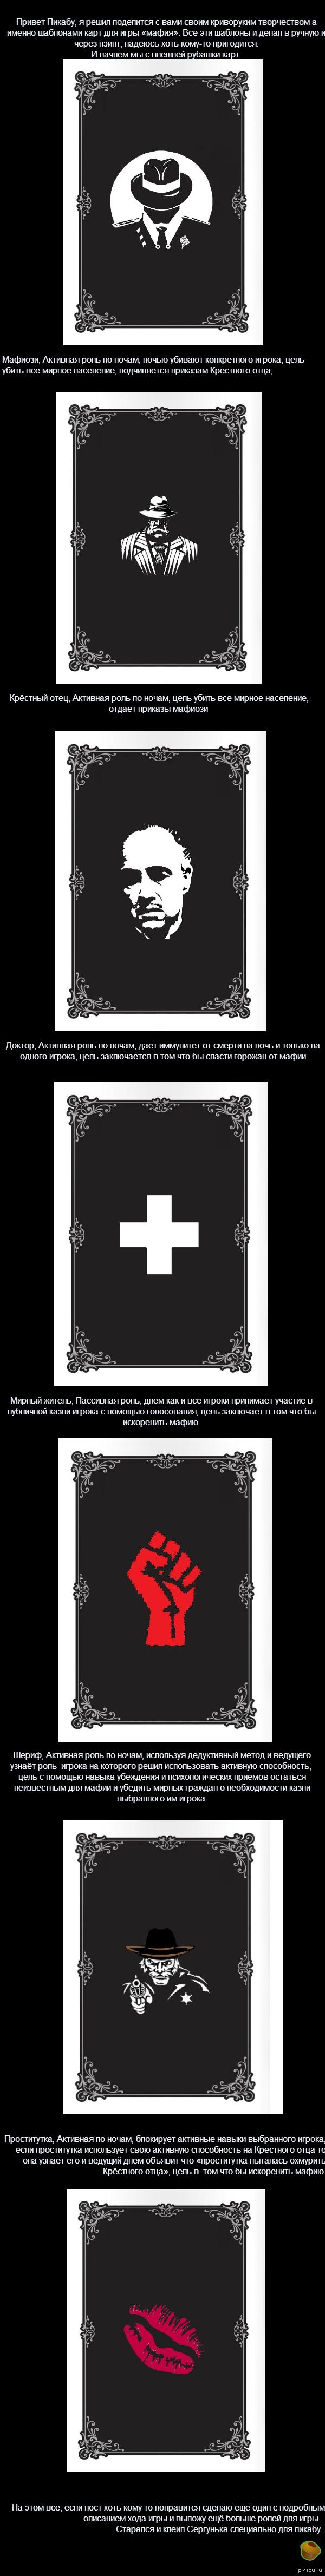 Карточная игра Мафия.